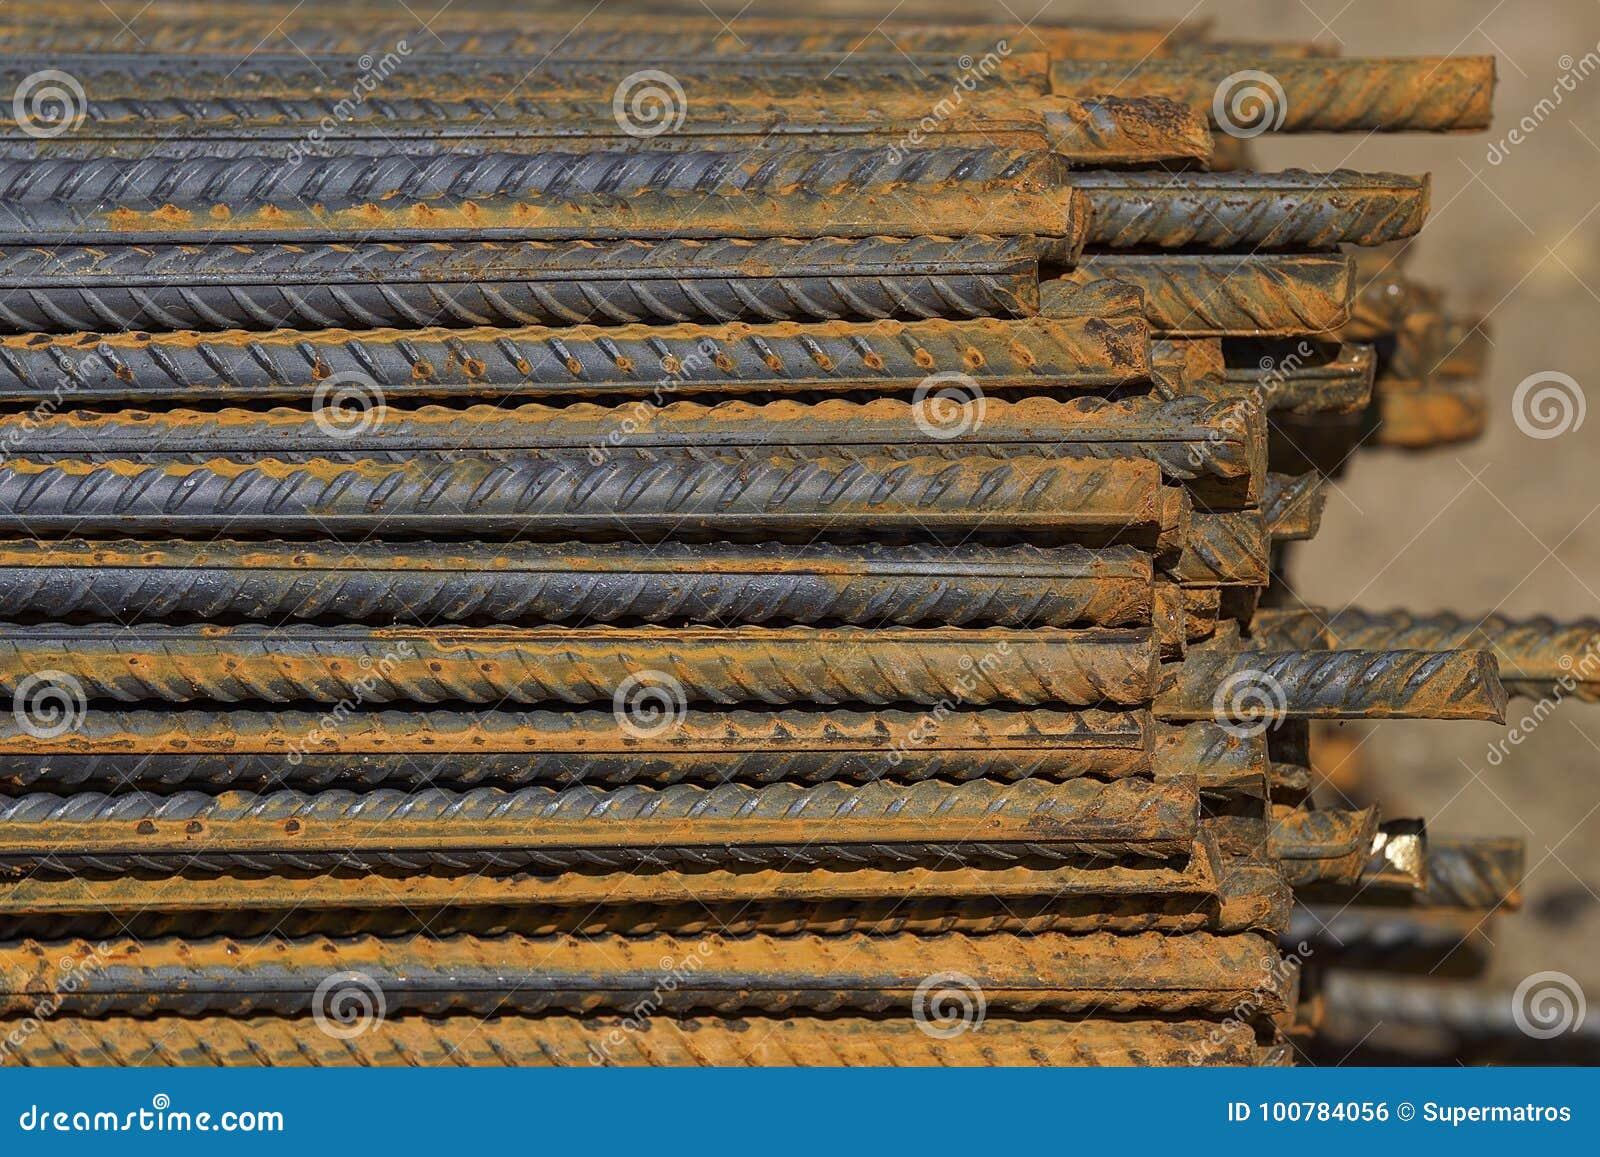 Le barre di rinforzo con un profilo periodico nei pacchetti sono immagazzinate nel magazzino dei prodotti metallici